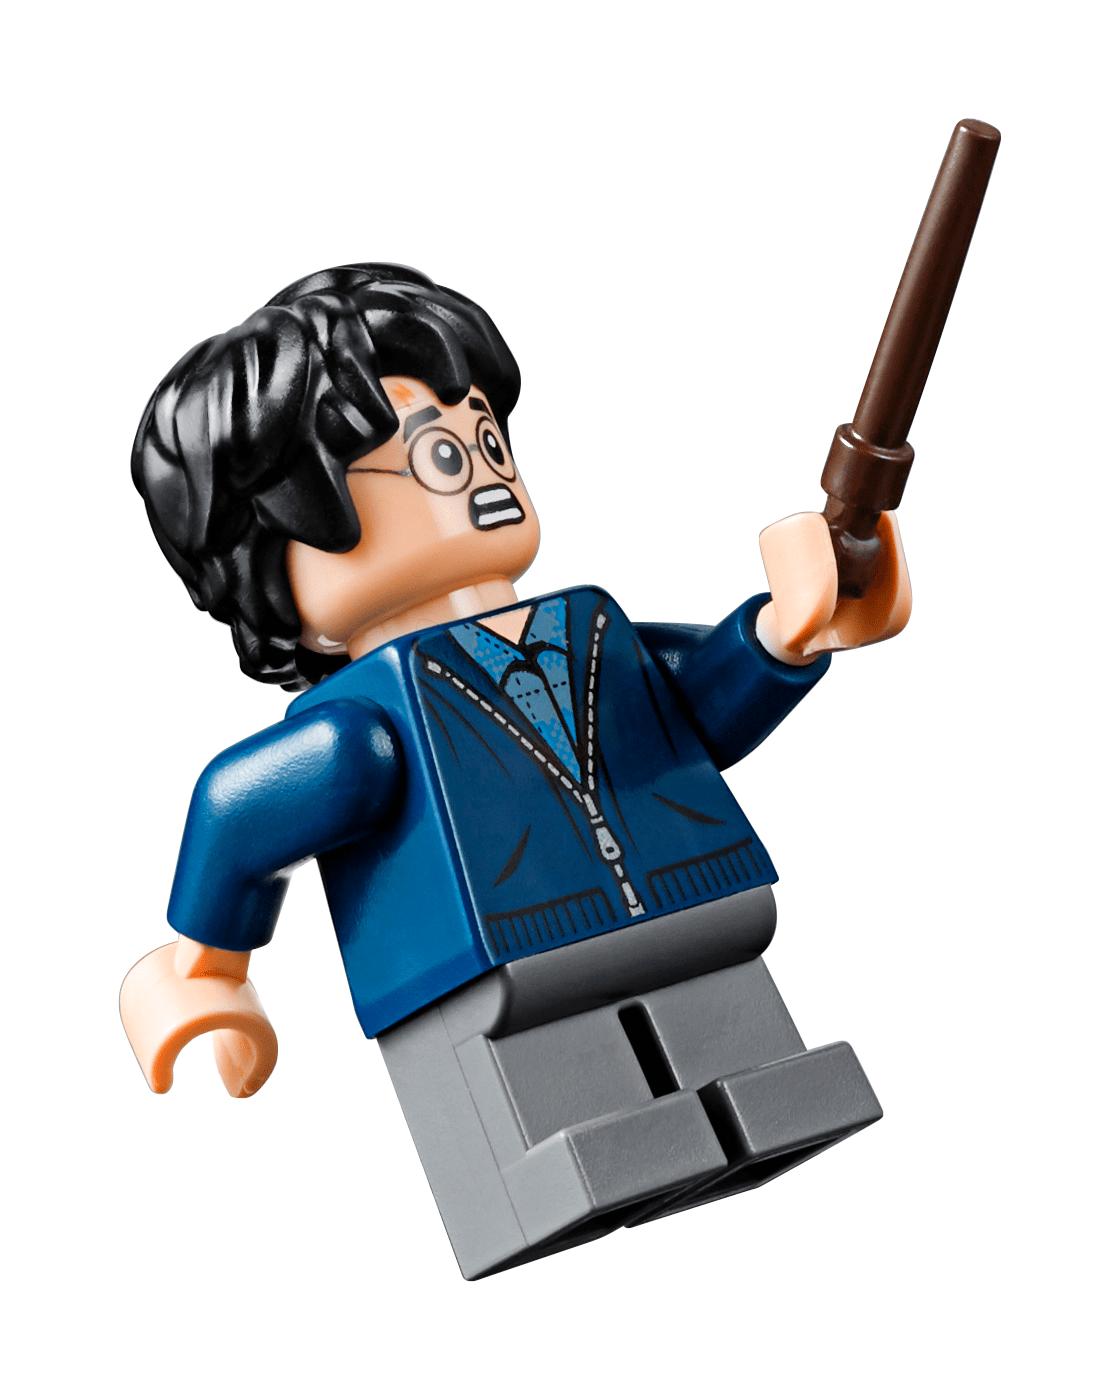 Lego hogwarts express купить